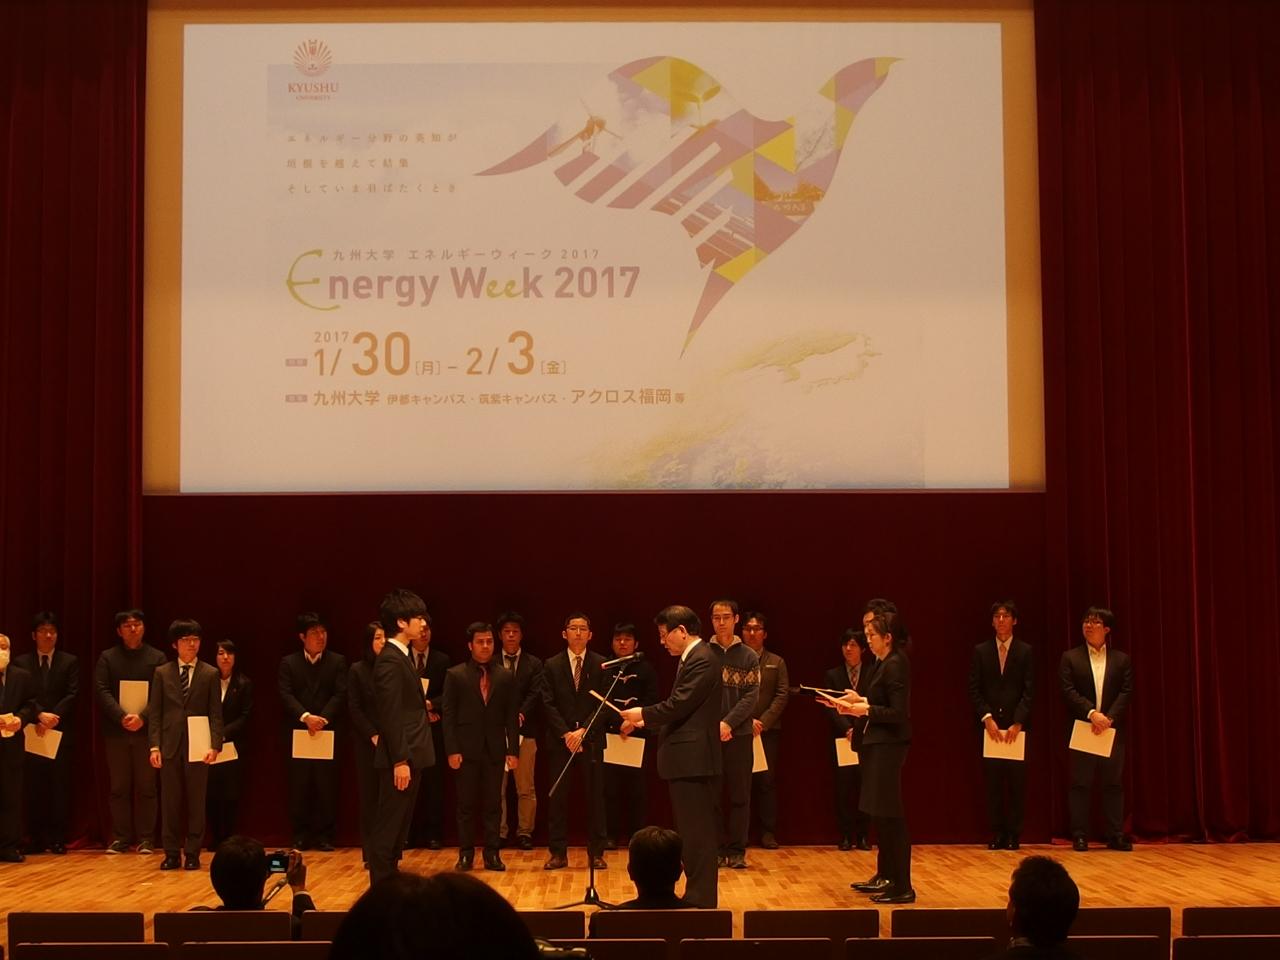 博士課程1年の高村くん(工学府水素エネルギーシステム専攻)が、九州大学エネルギーウィーク2017にて、銀賞を受賞しました。